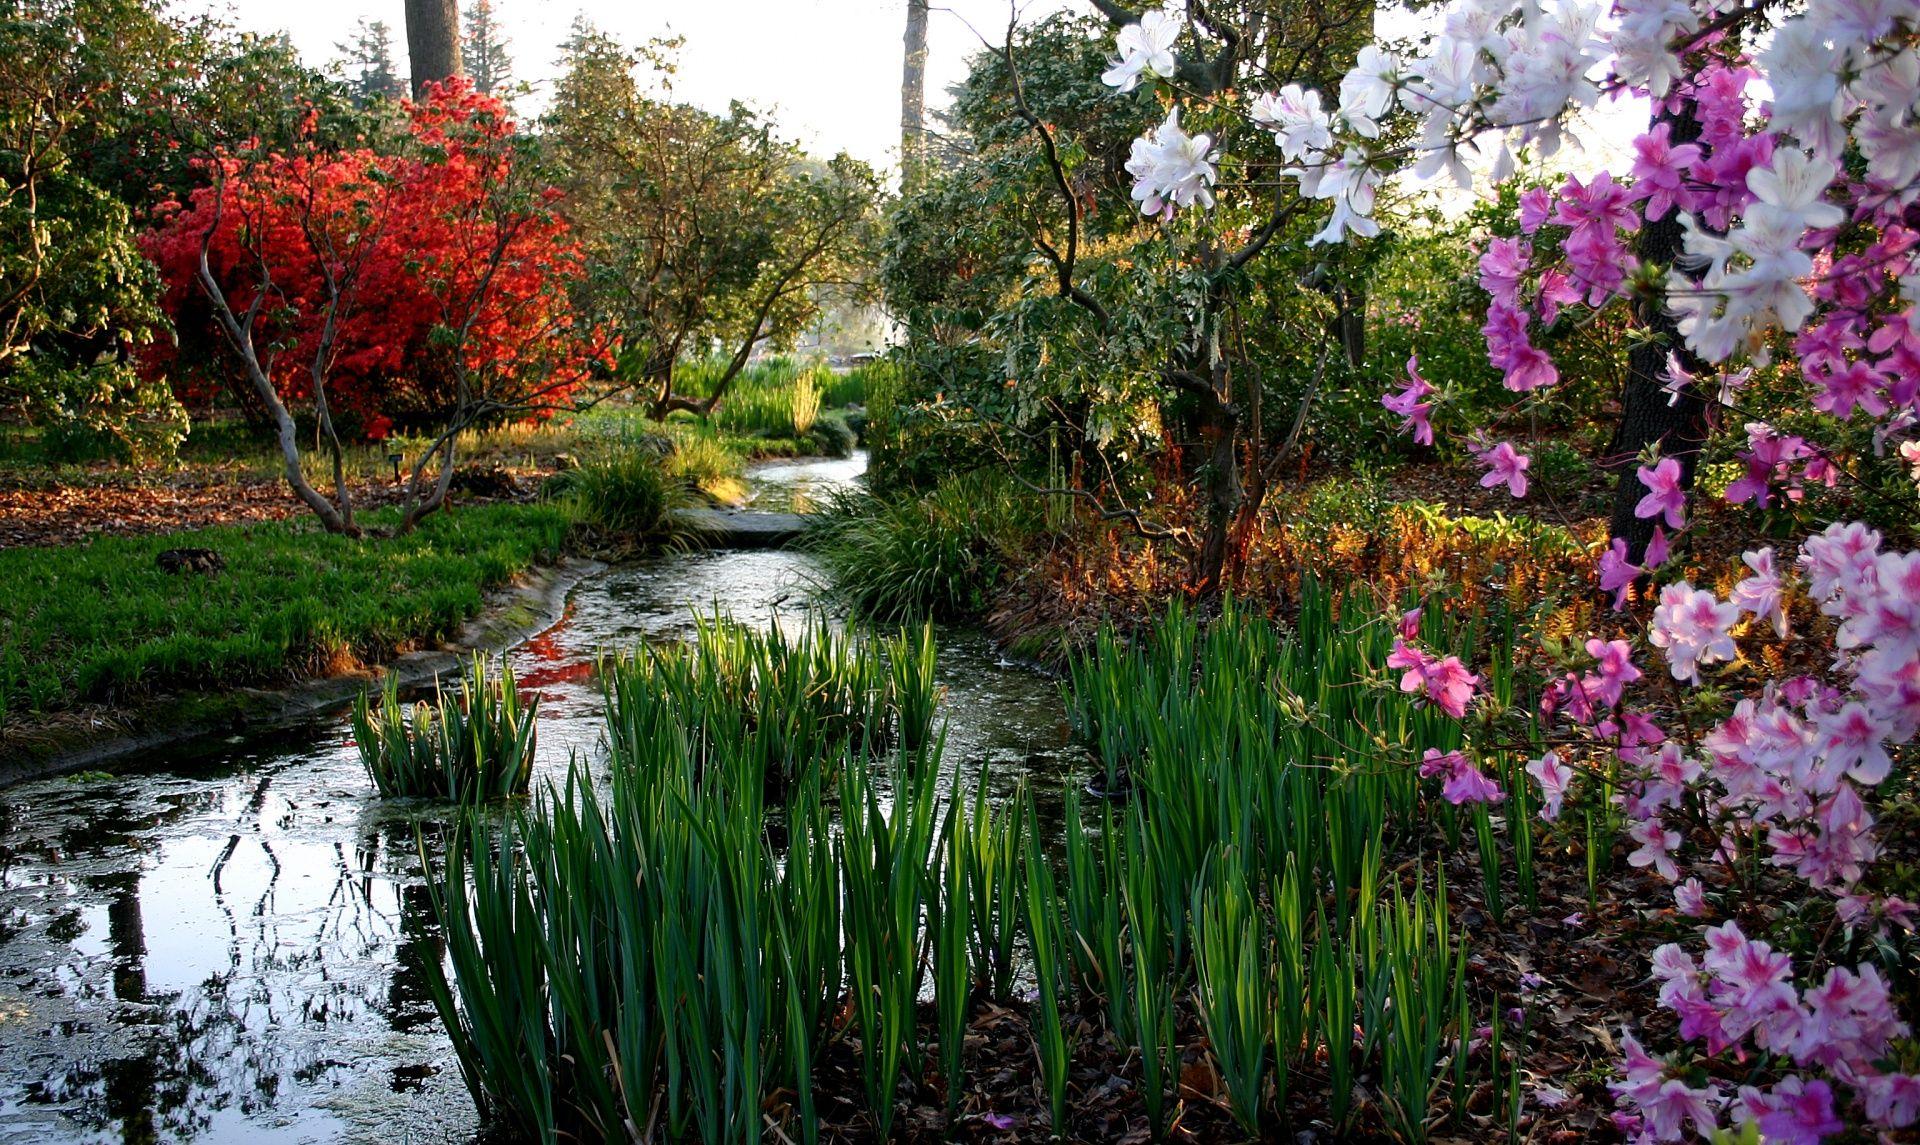 norfolk botanical garden. norfolk, va. 9am-5pm. admission - $11